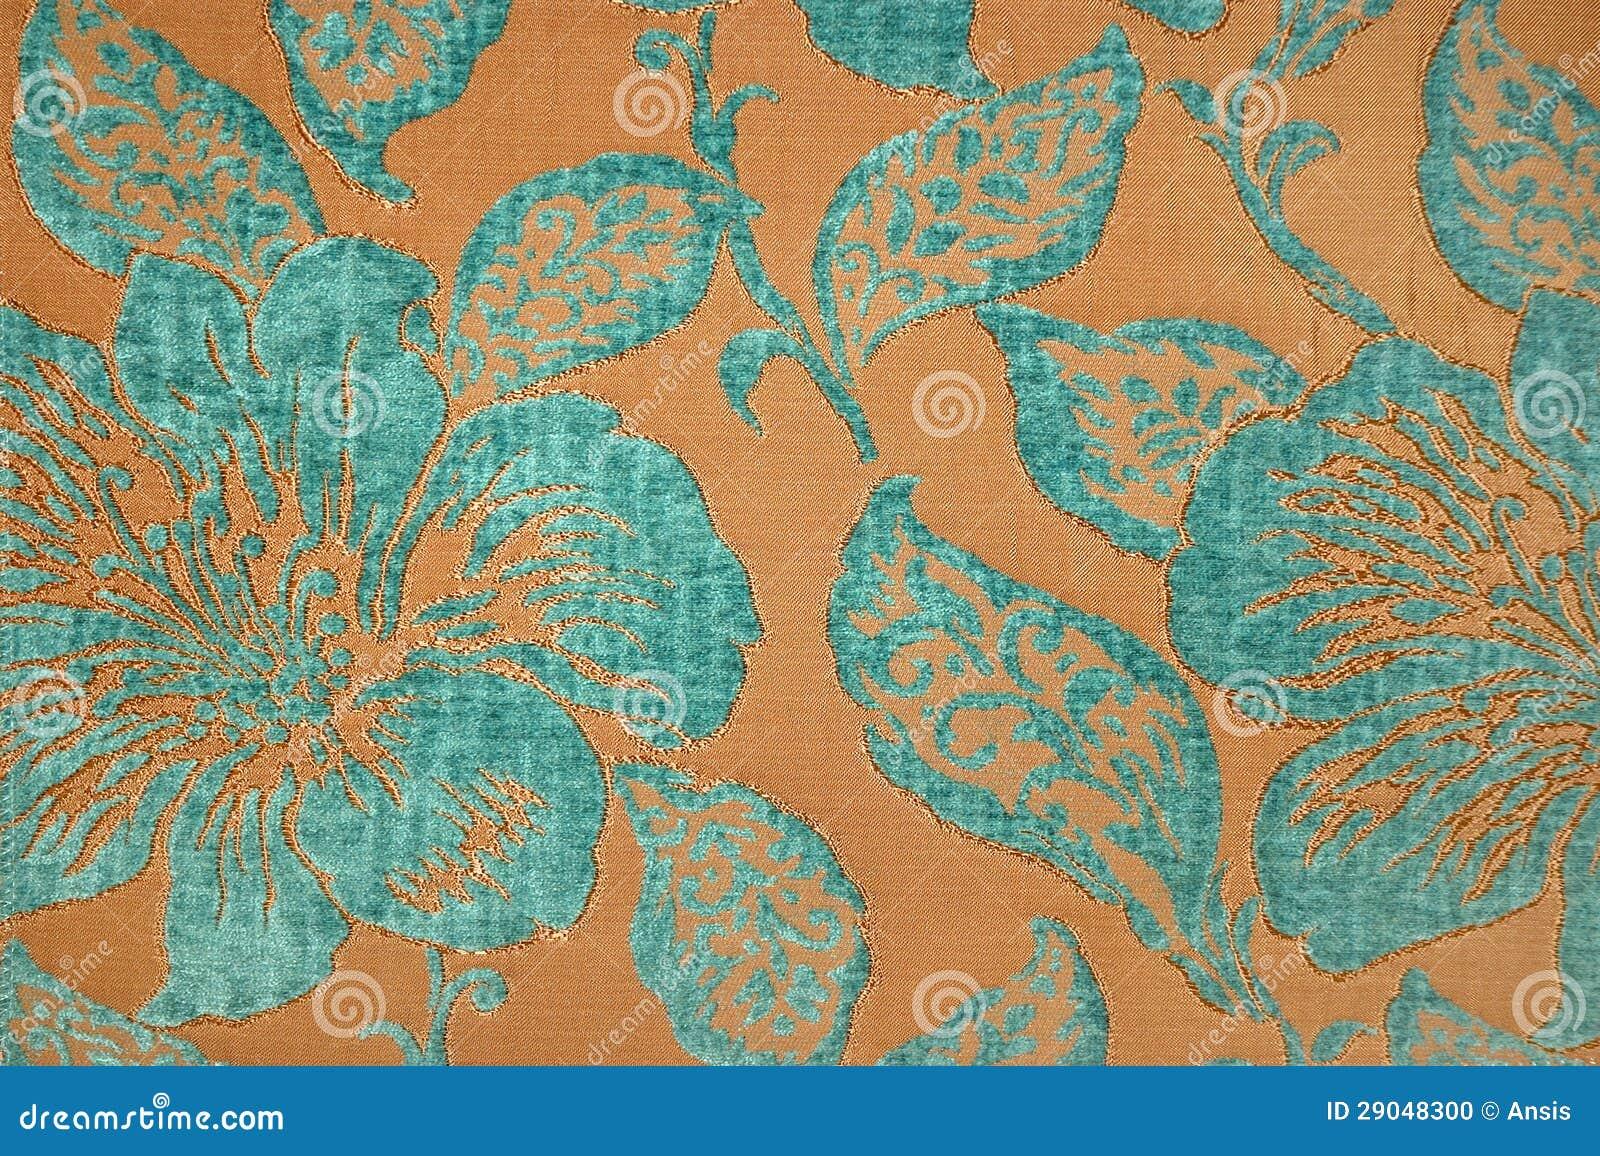 Papel pintado de la tela de la turquesa foto de archivo - Papel pintado turquesa ...